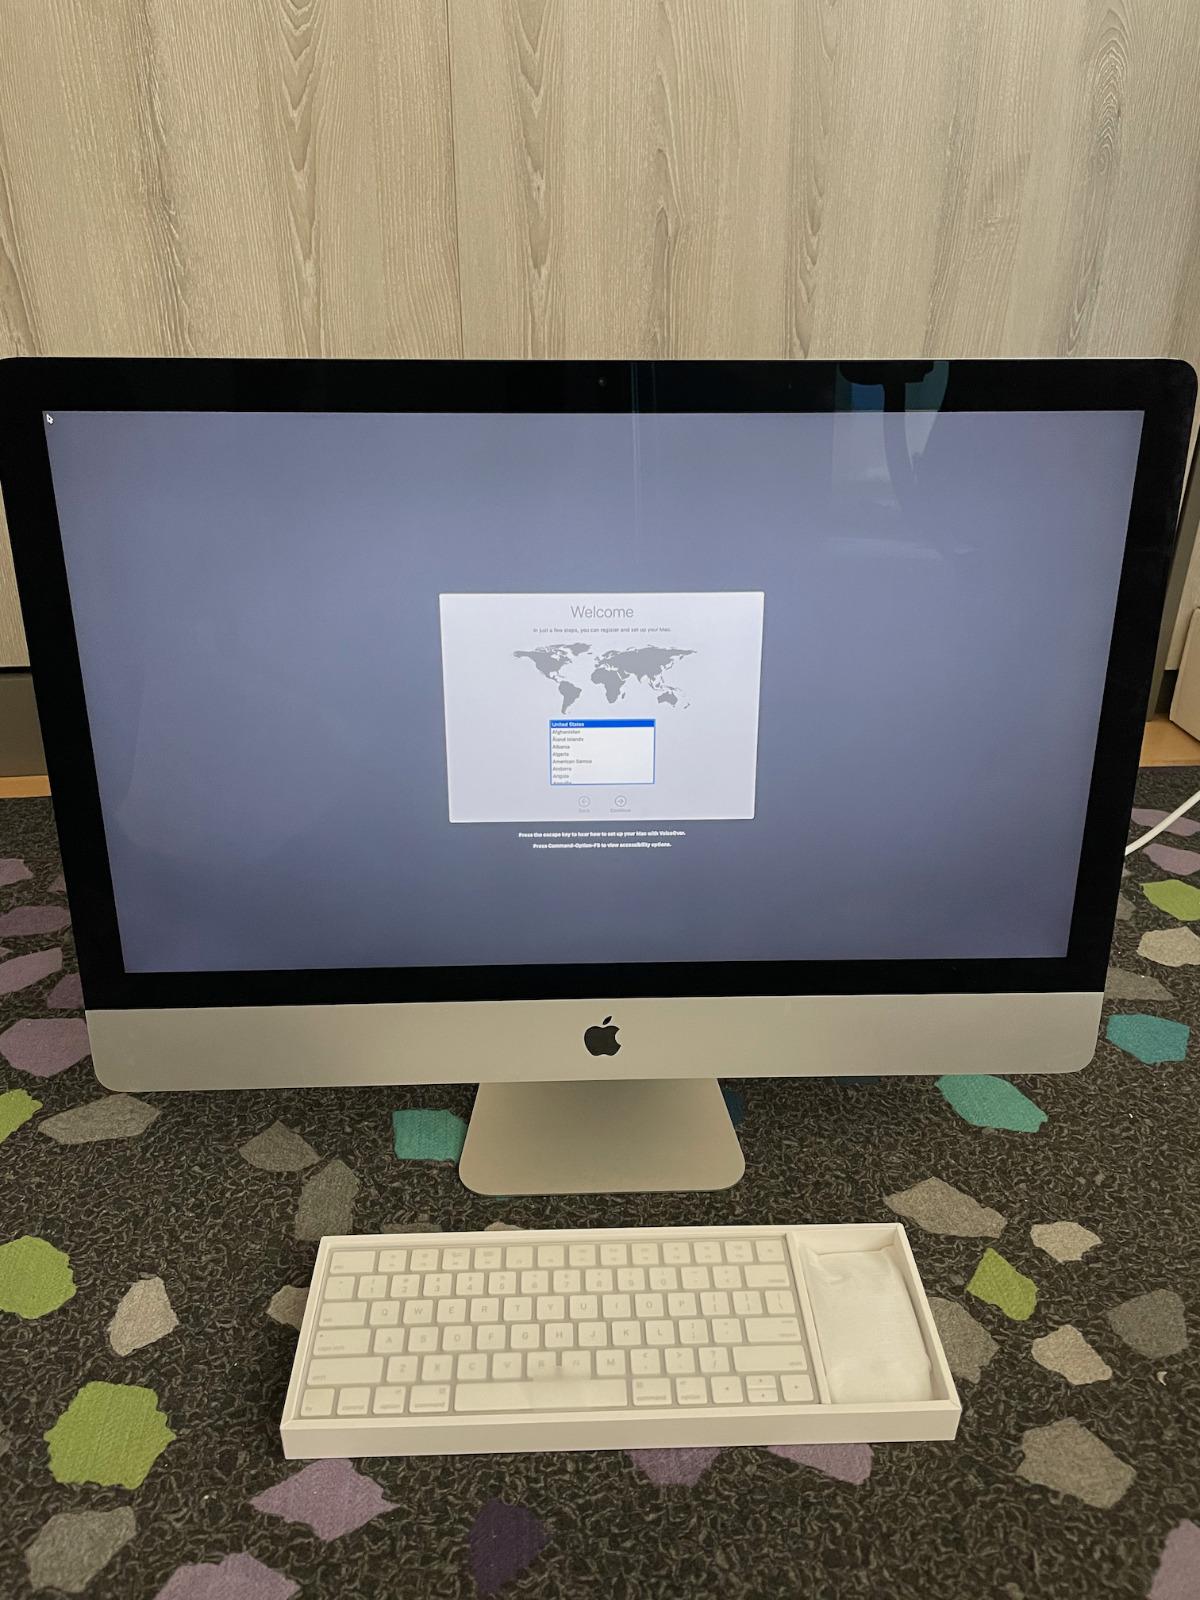 """Apple iMac 27"""" 5K Retina (Late 2014) 4.0 Ghz i7/32GB RAM/AMD R9 M295X/512 GB SSD. Buy it now for 1199.00"""